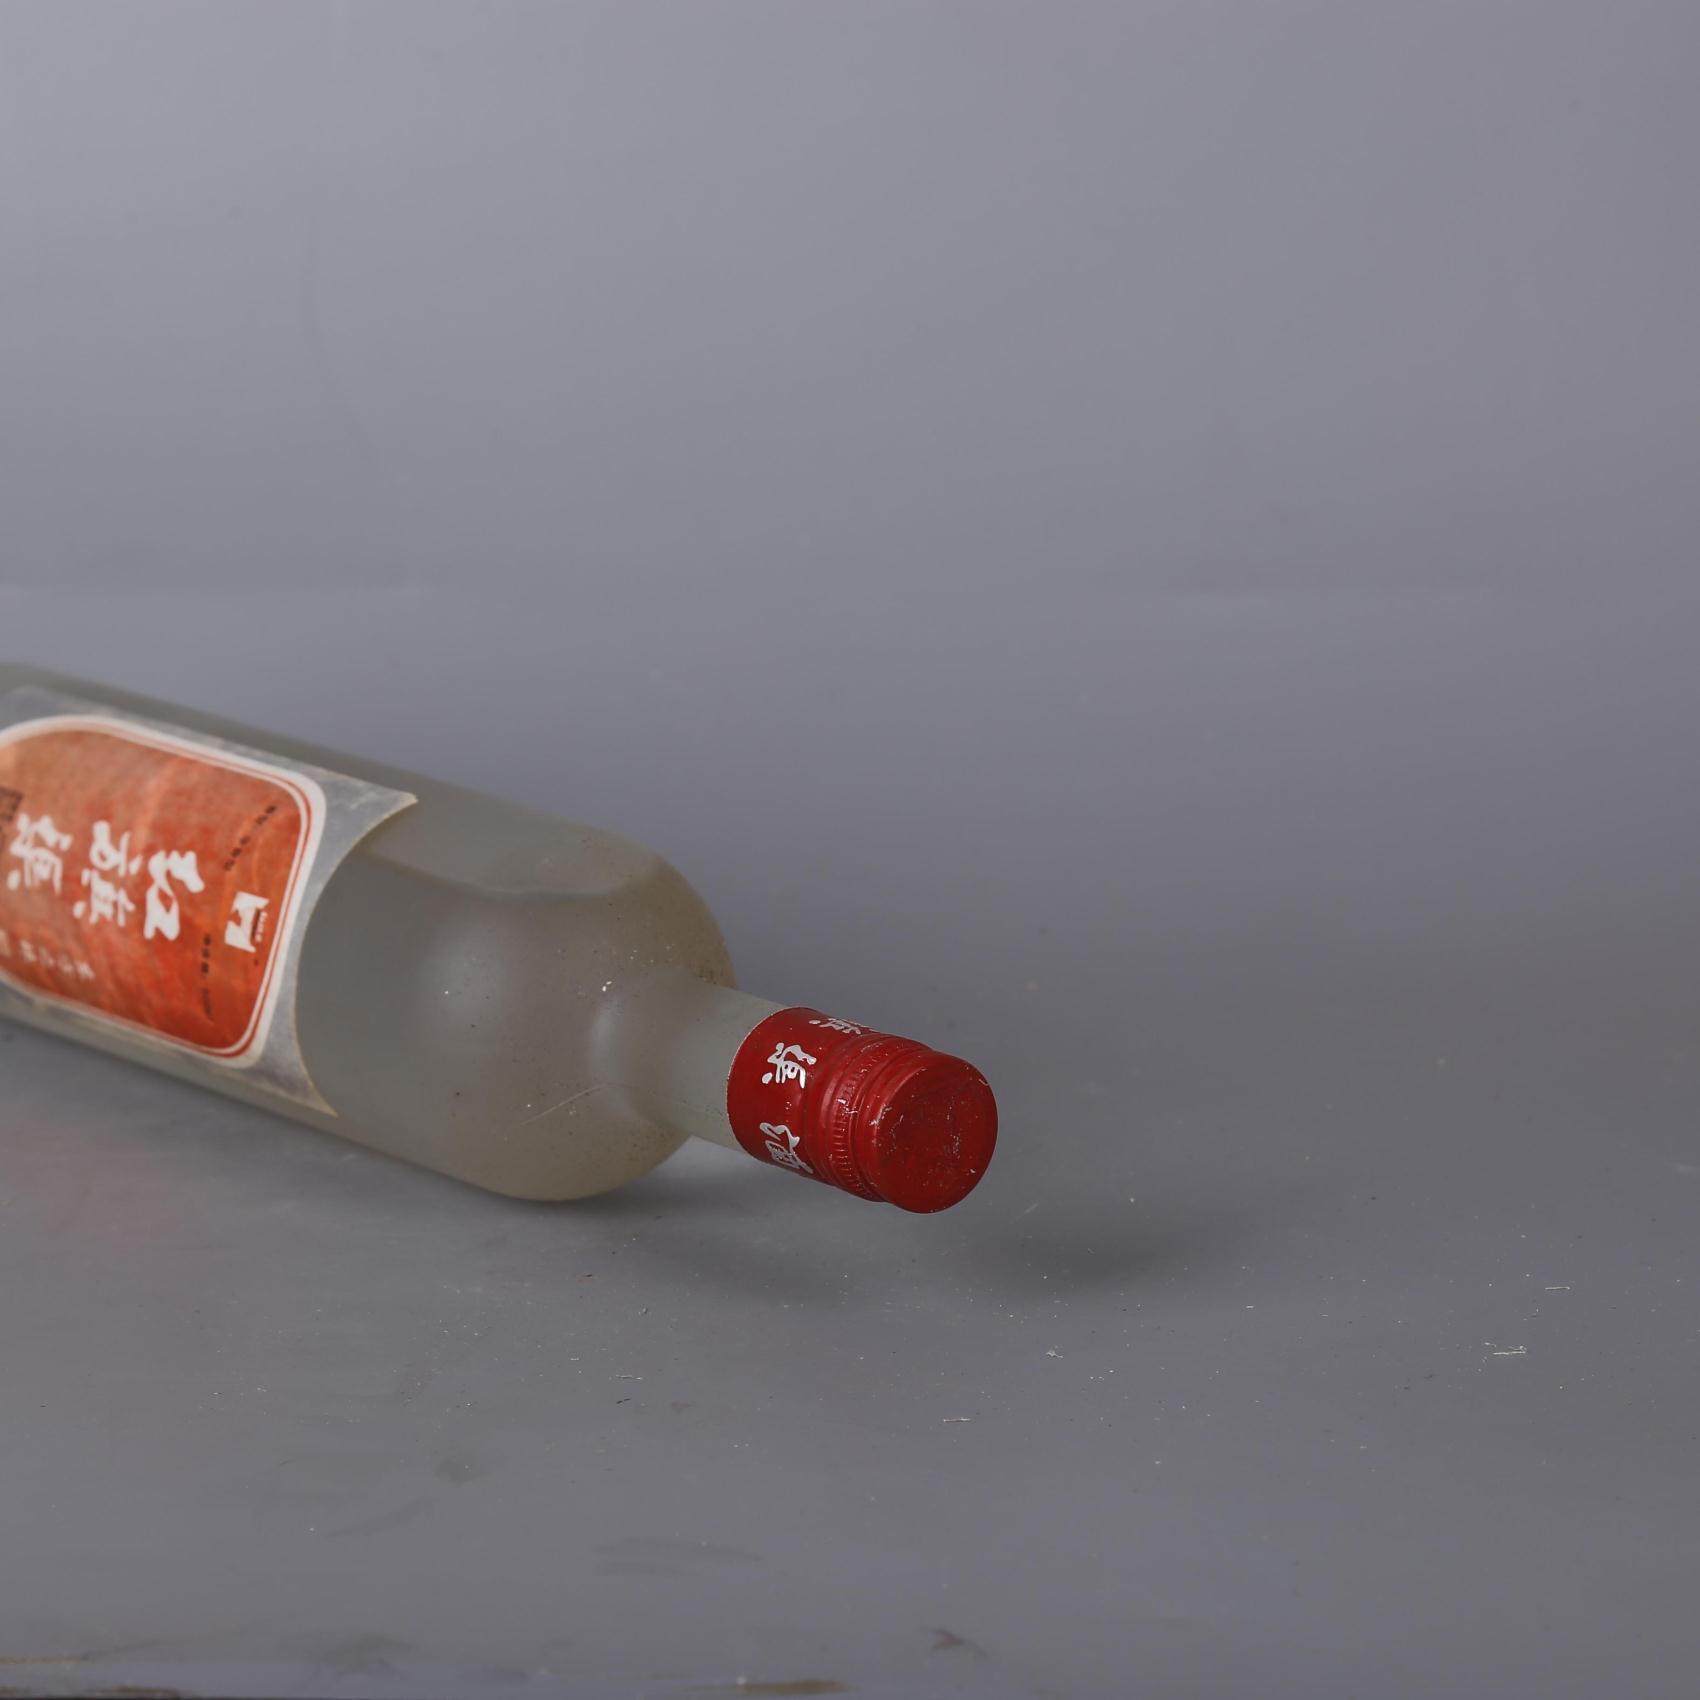 2000年河南红旗渠老酒收藏清仓名酒纯粮高度老酒优质陈酿老窖库存